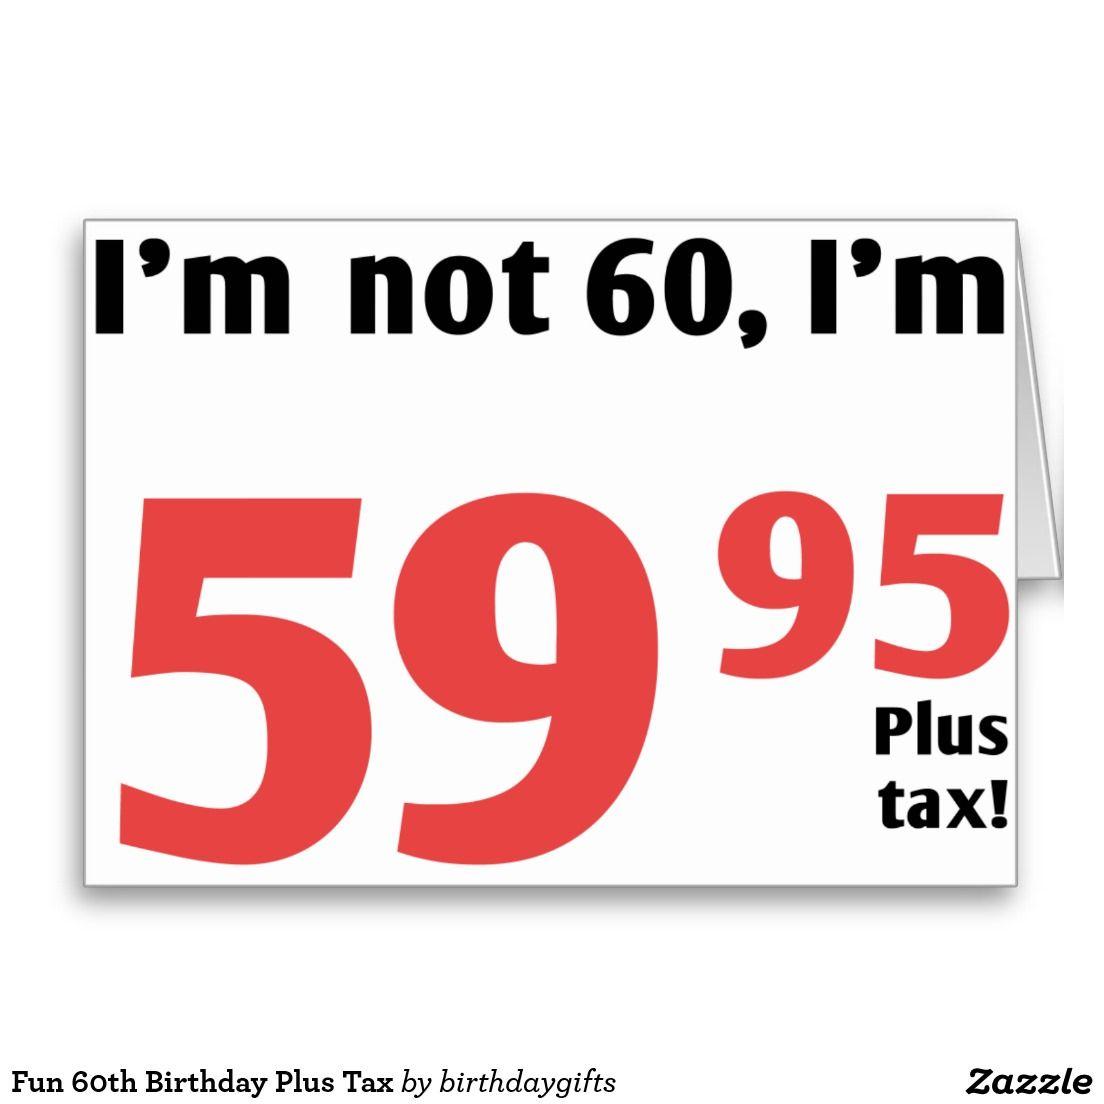 Fun 60th birthday plus tax card birthdays fun 60th birthday plus tax card kristyandbryce Image collections